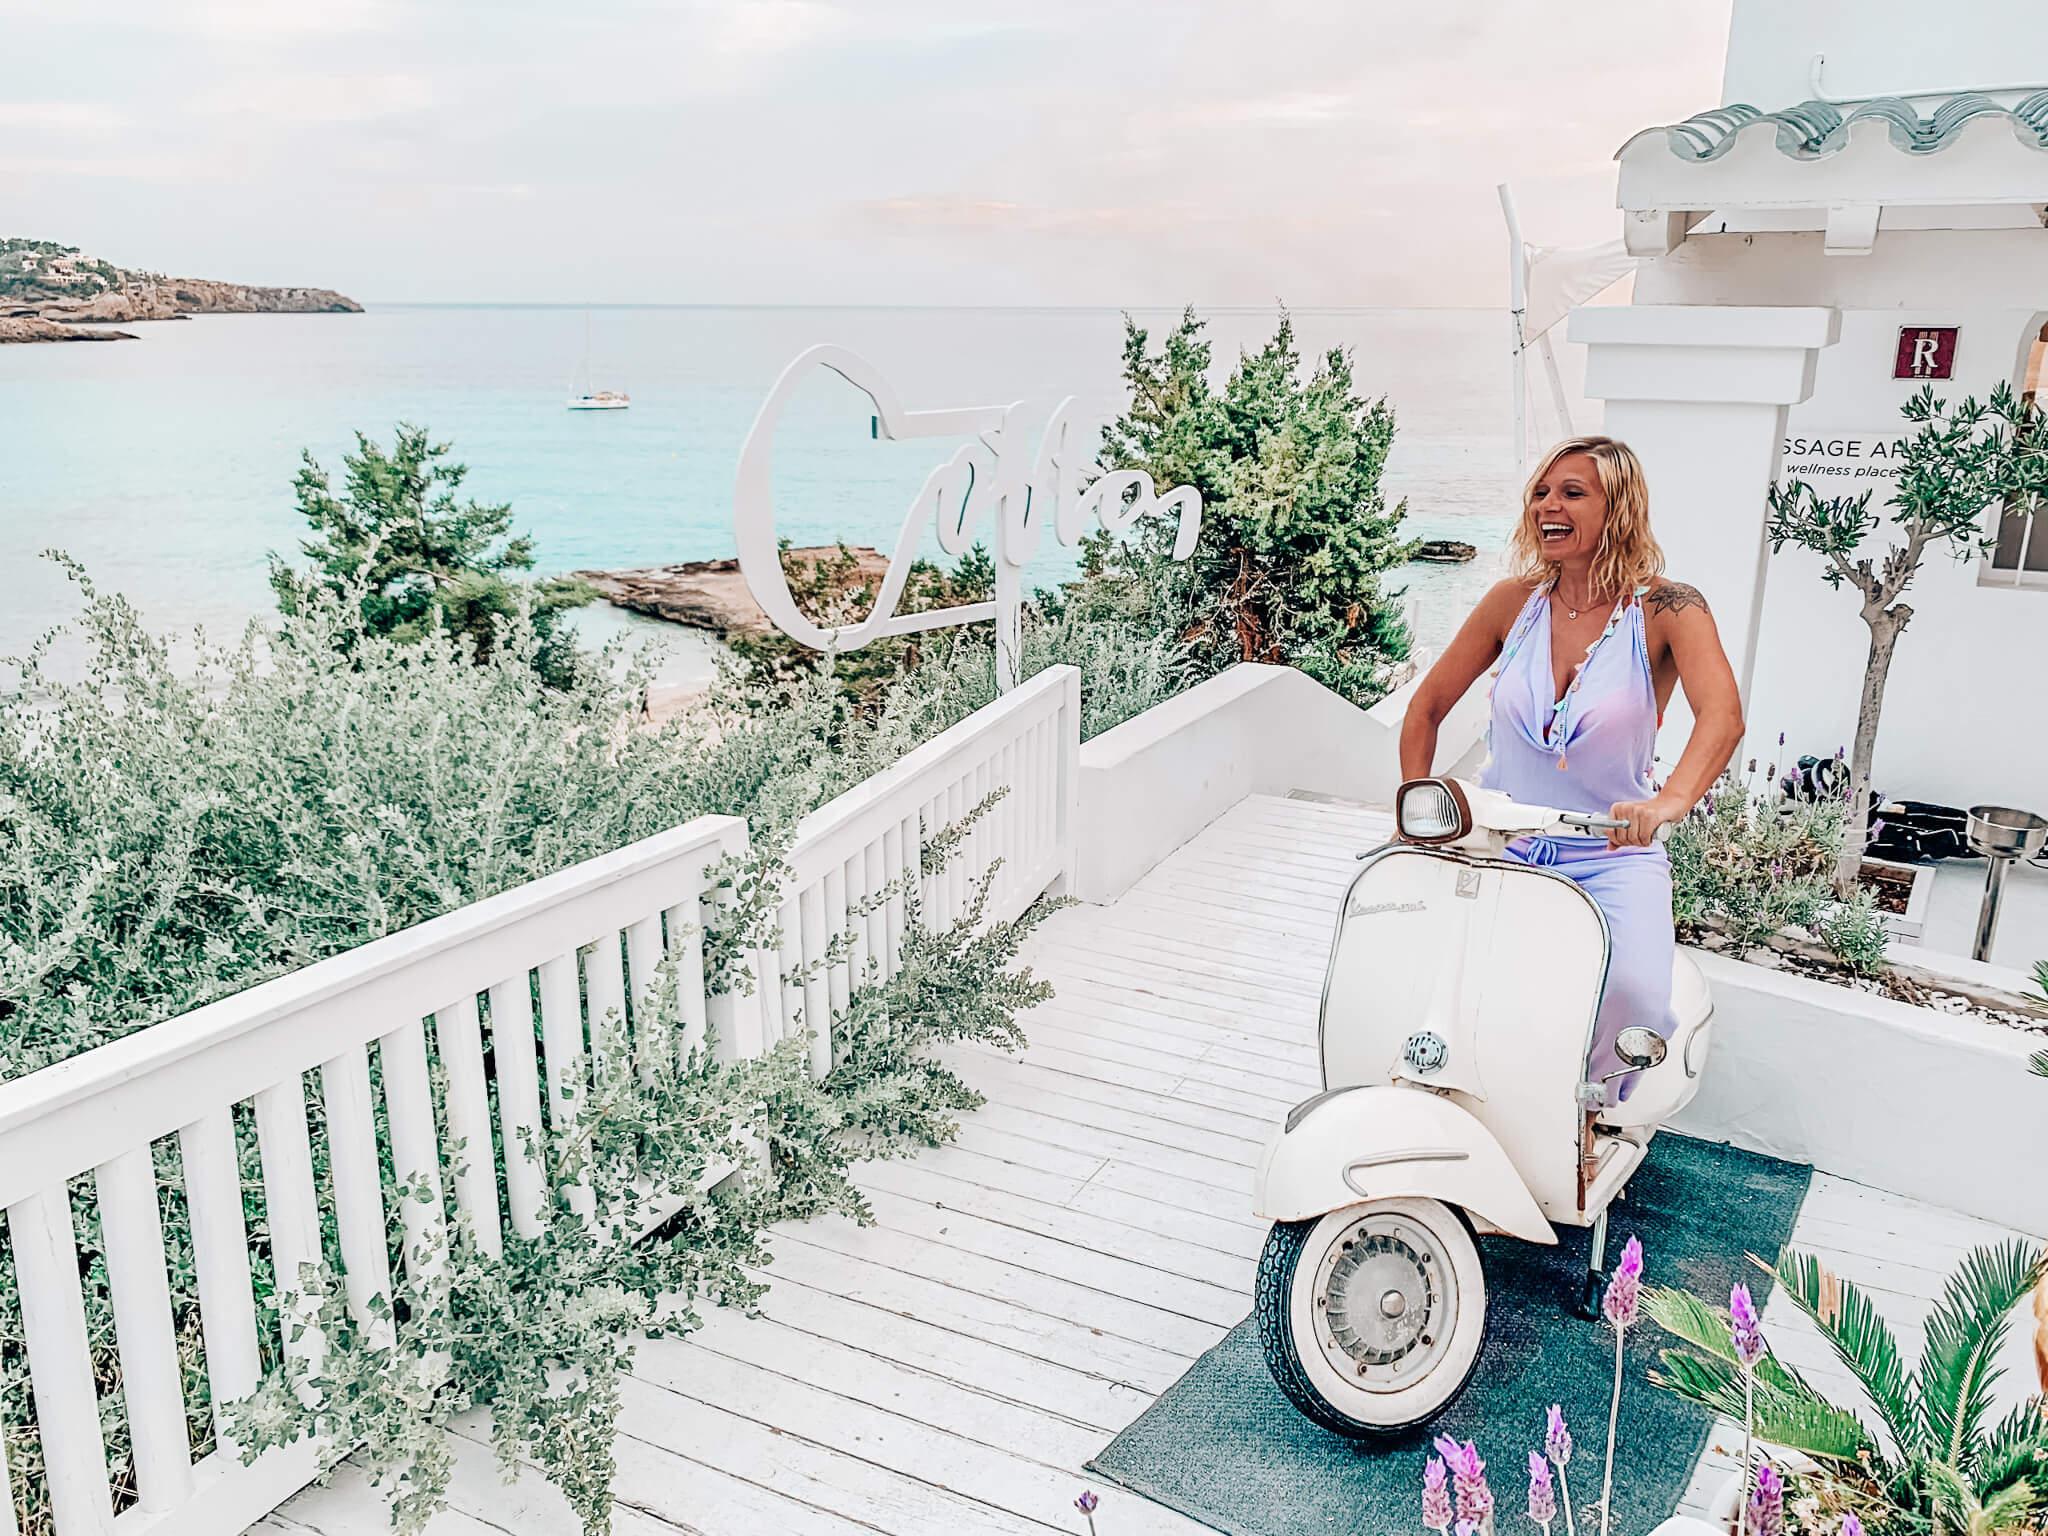 Digitale Nomaden auf Ibiza